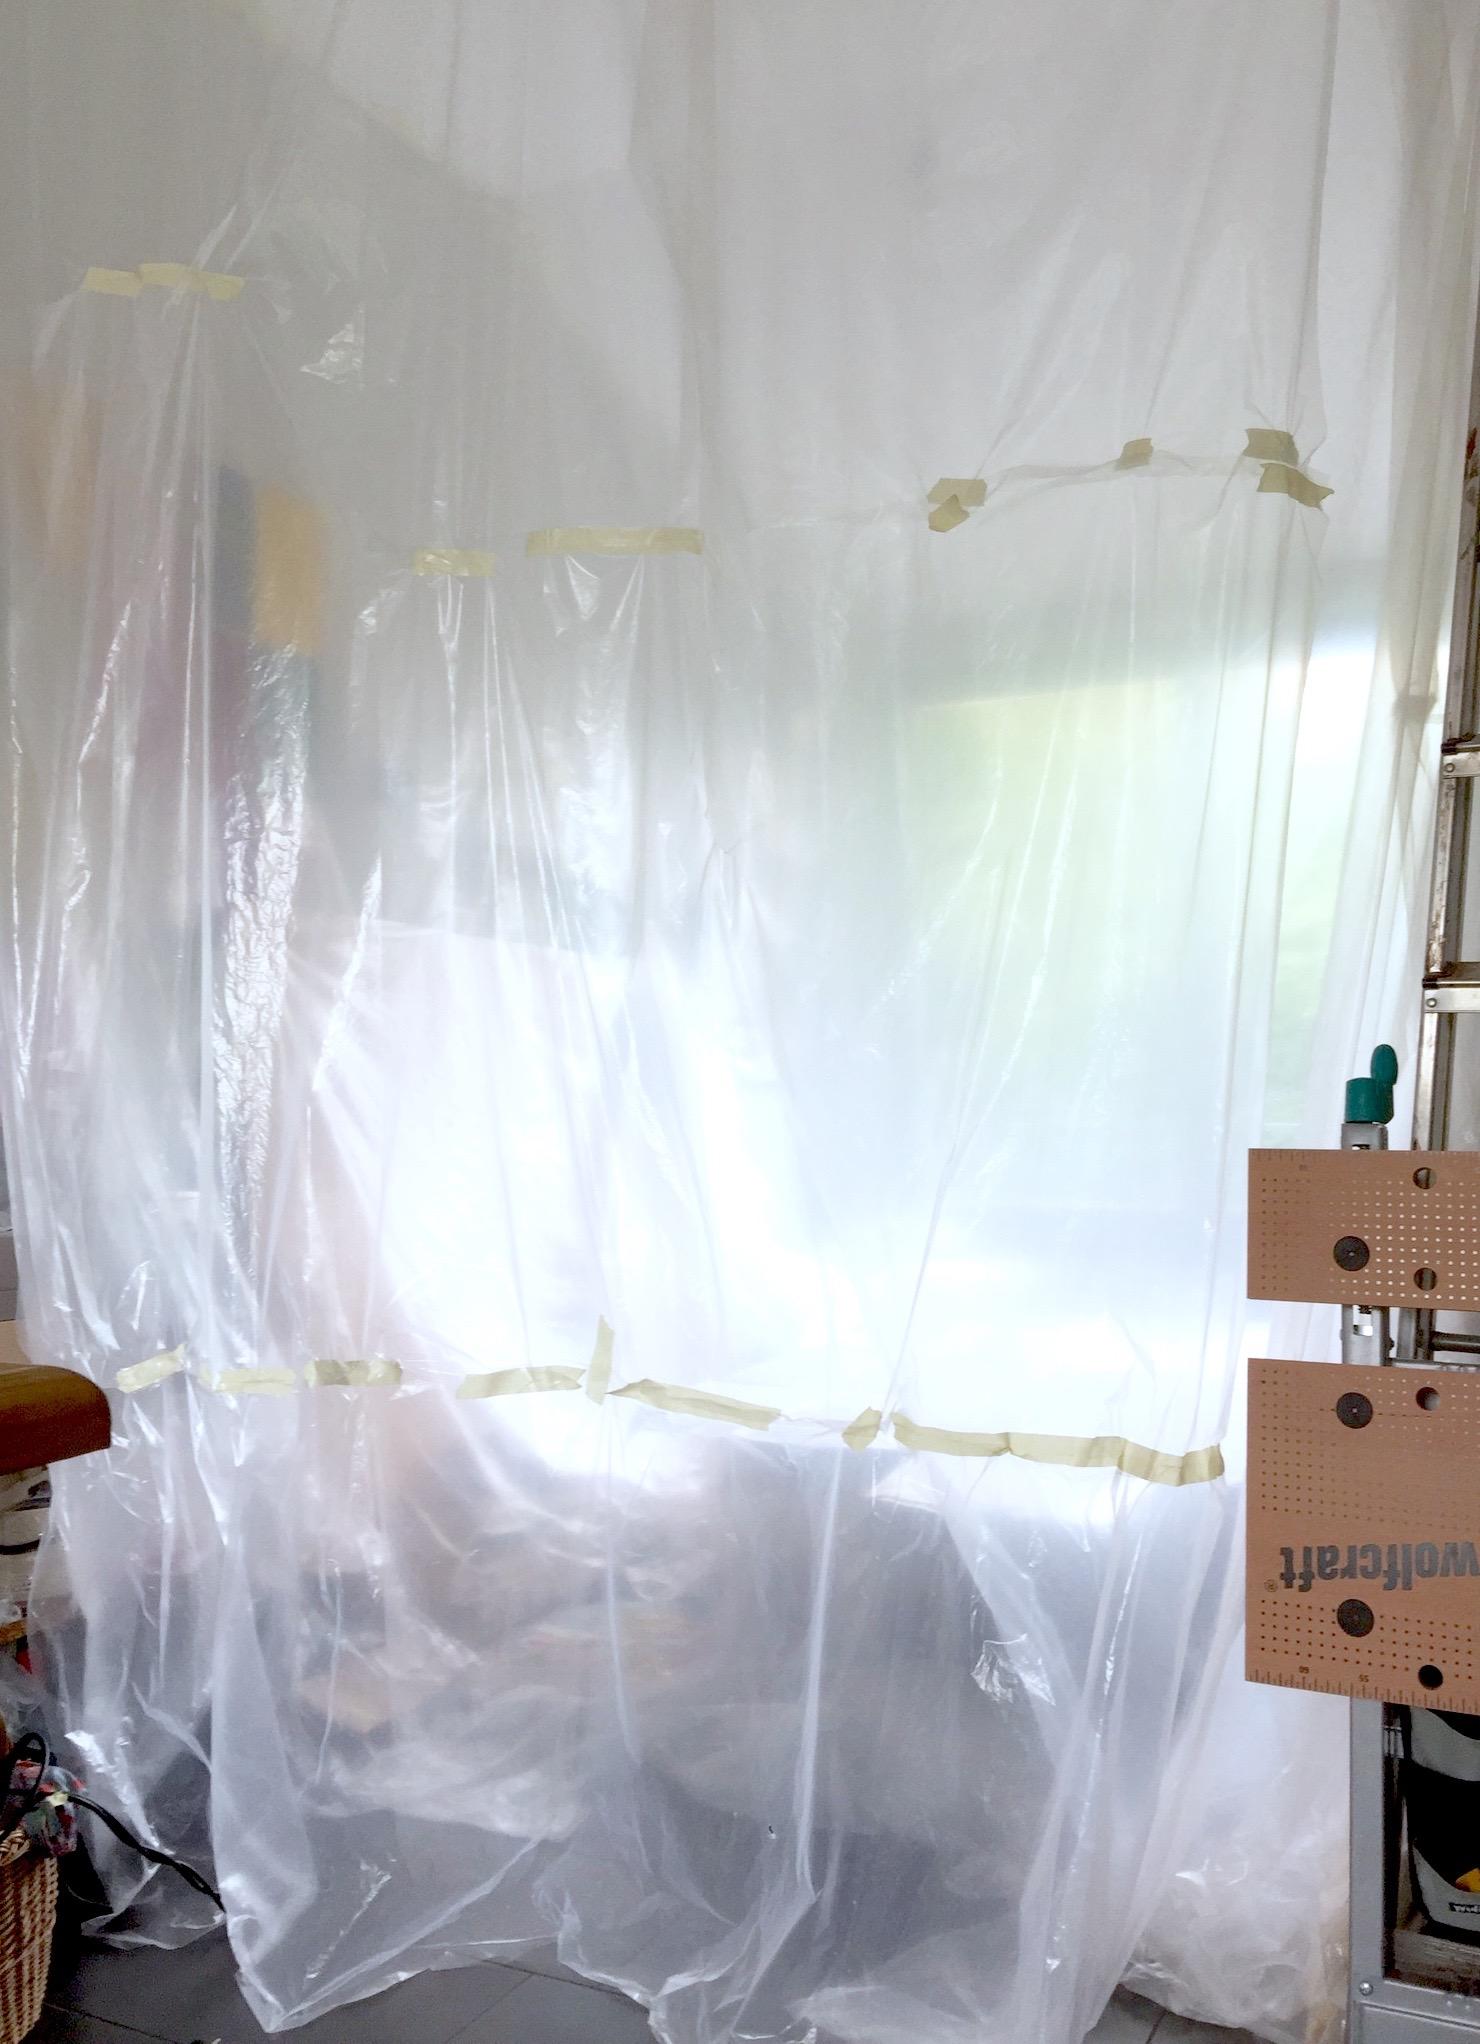 Was vorher unser zweites Wohnzimmer war (Fotos oben in schwarz-weiß), wurde nun von mir zur temporären Werkstatt umgenutzt